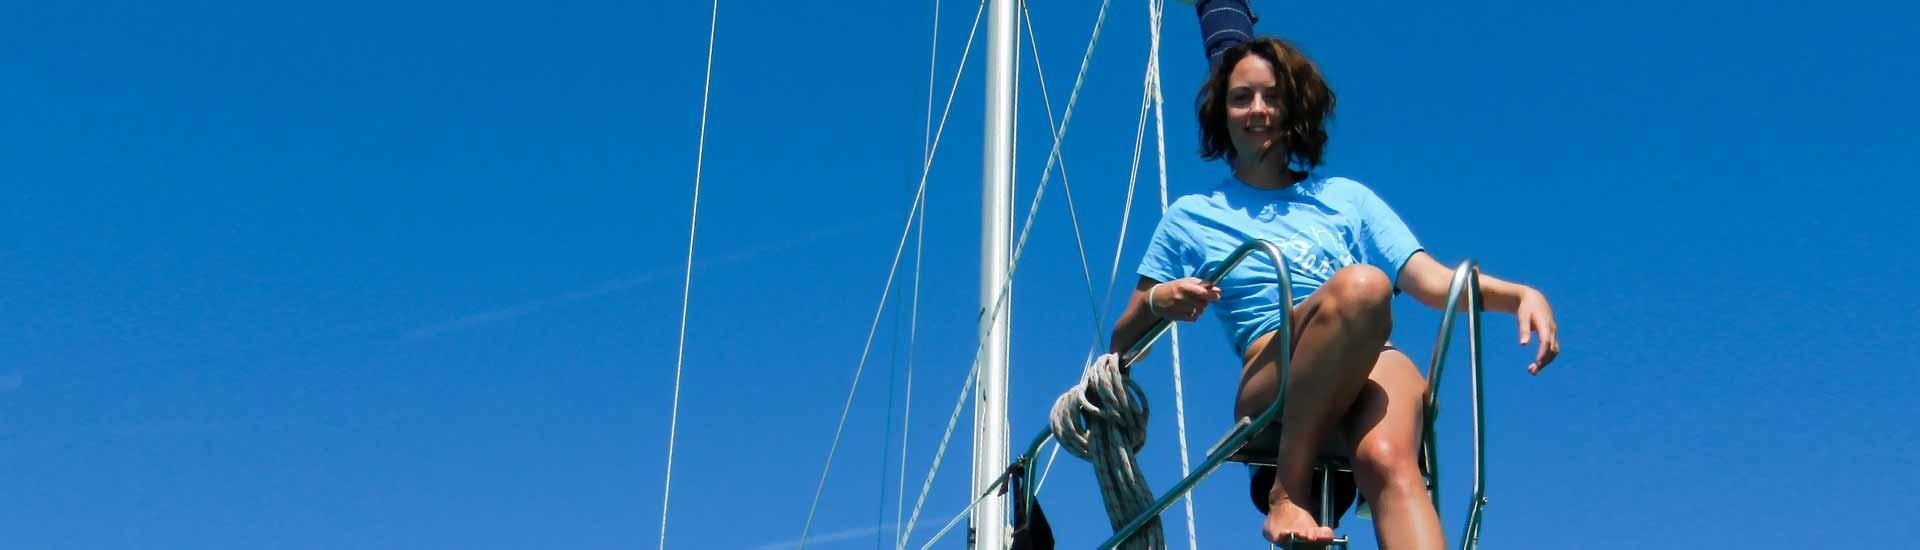 Девушка на носовой парусной яхте